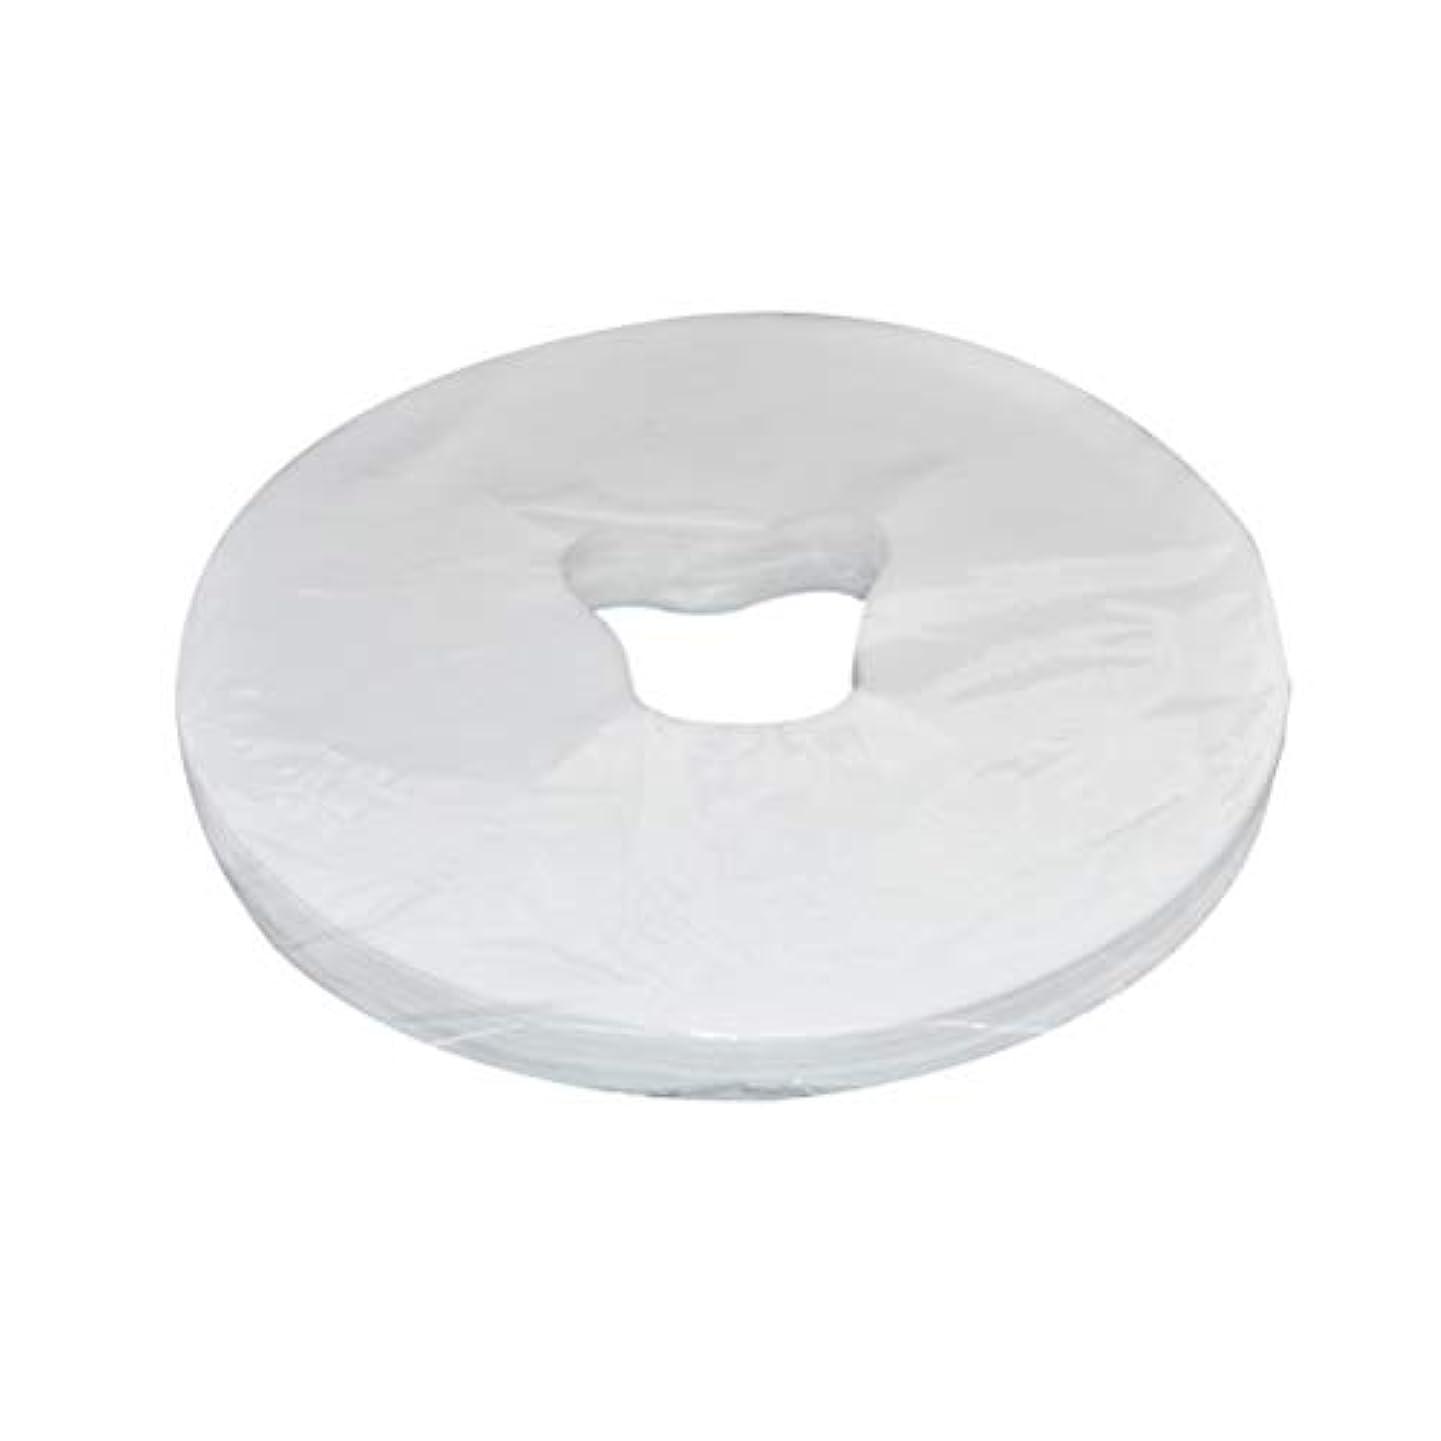 スペイン語エッセイ成功したHealifty 29x28cm使い捨てフェイスマッサージカバーフェイスホールピローパッド100枚(ホワイト)